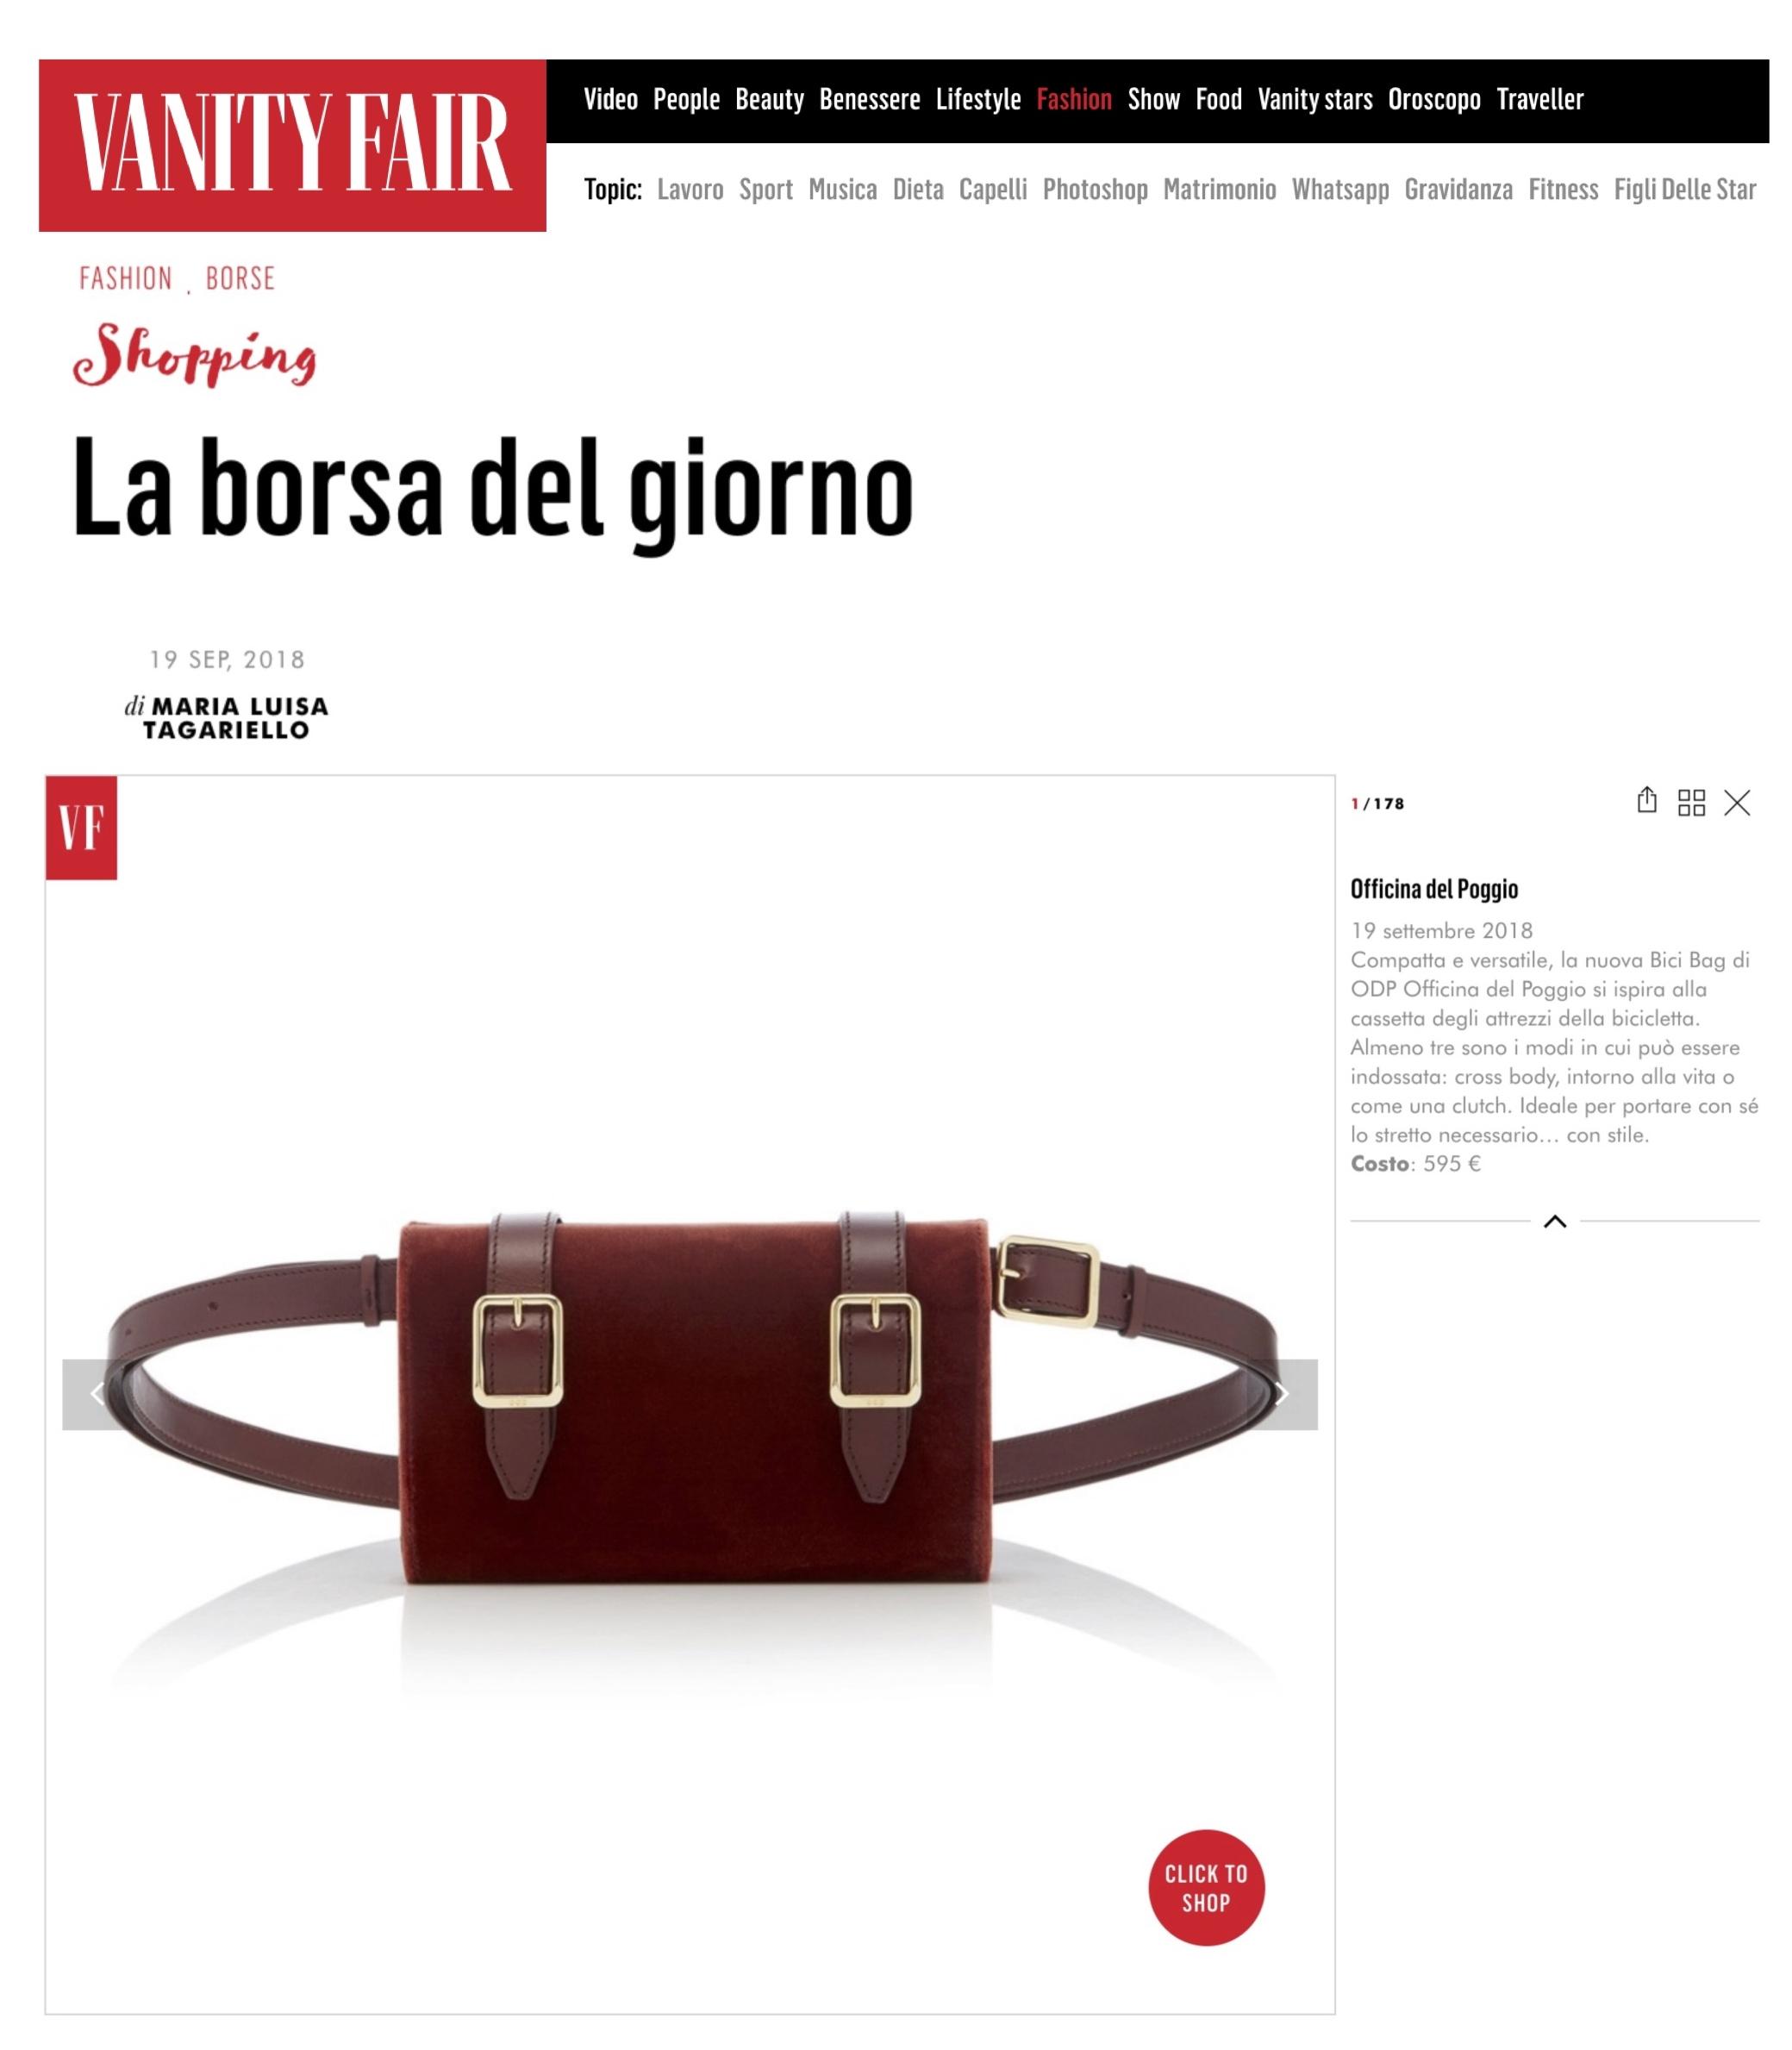 ODP_Officina_del_Poggio_Bici_Bag_Vanity_Fair